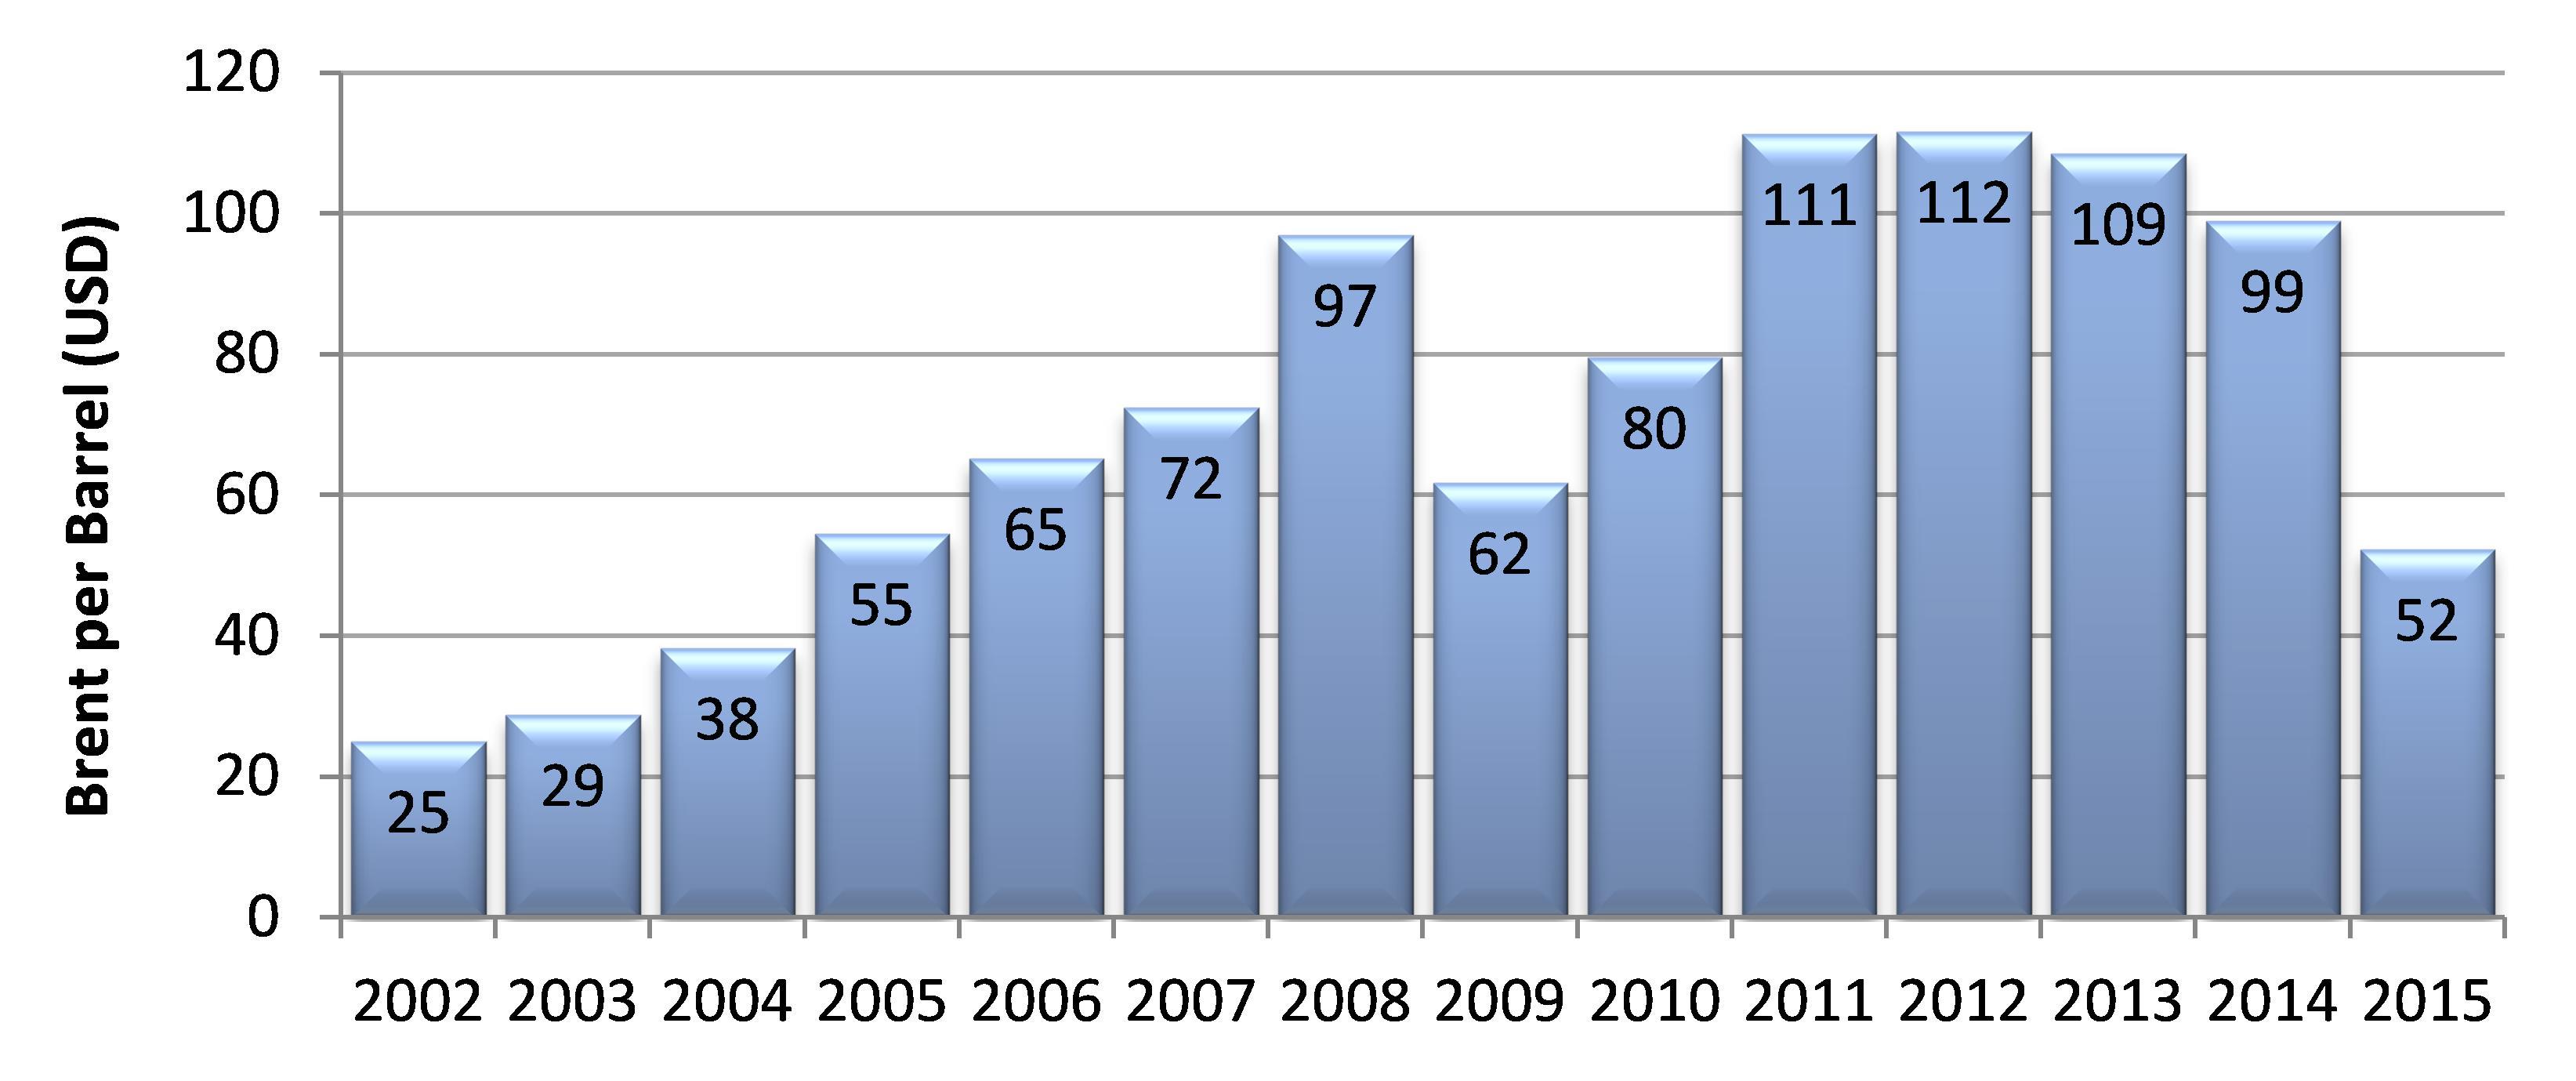 Economic - Tourism Futures